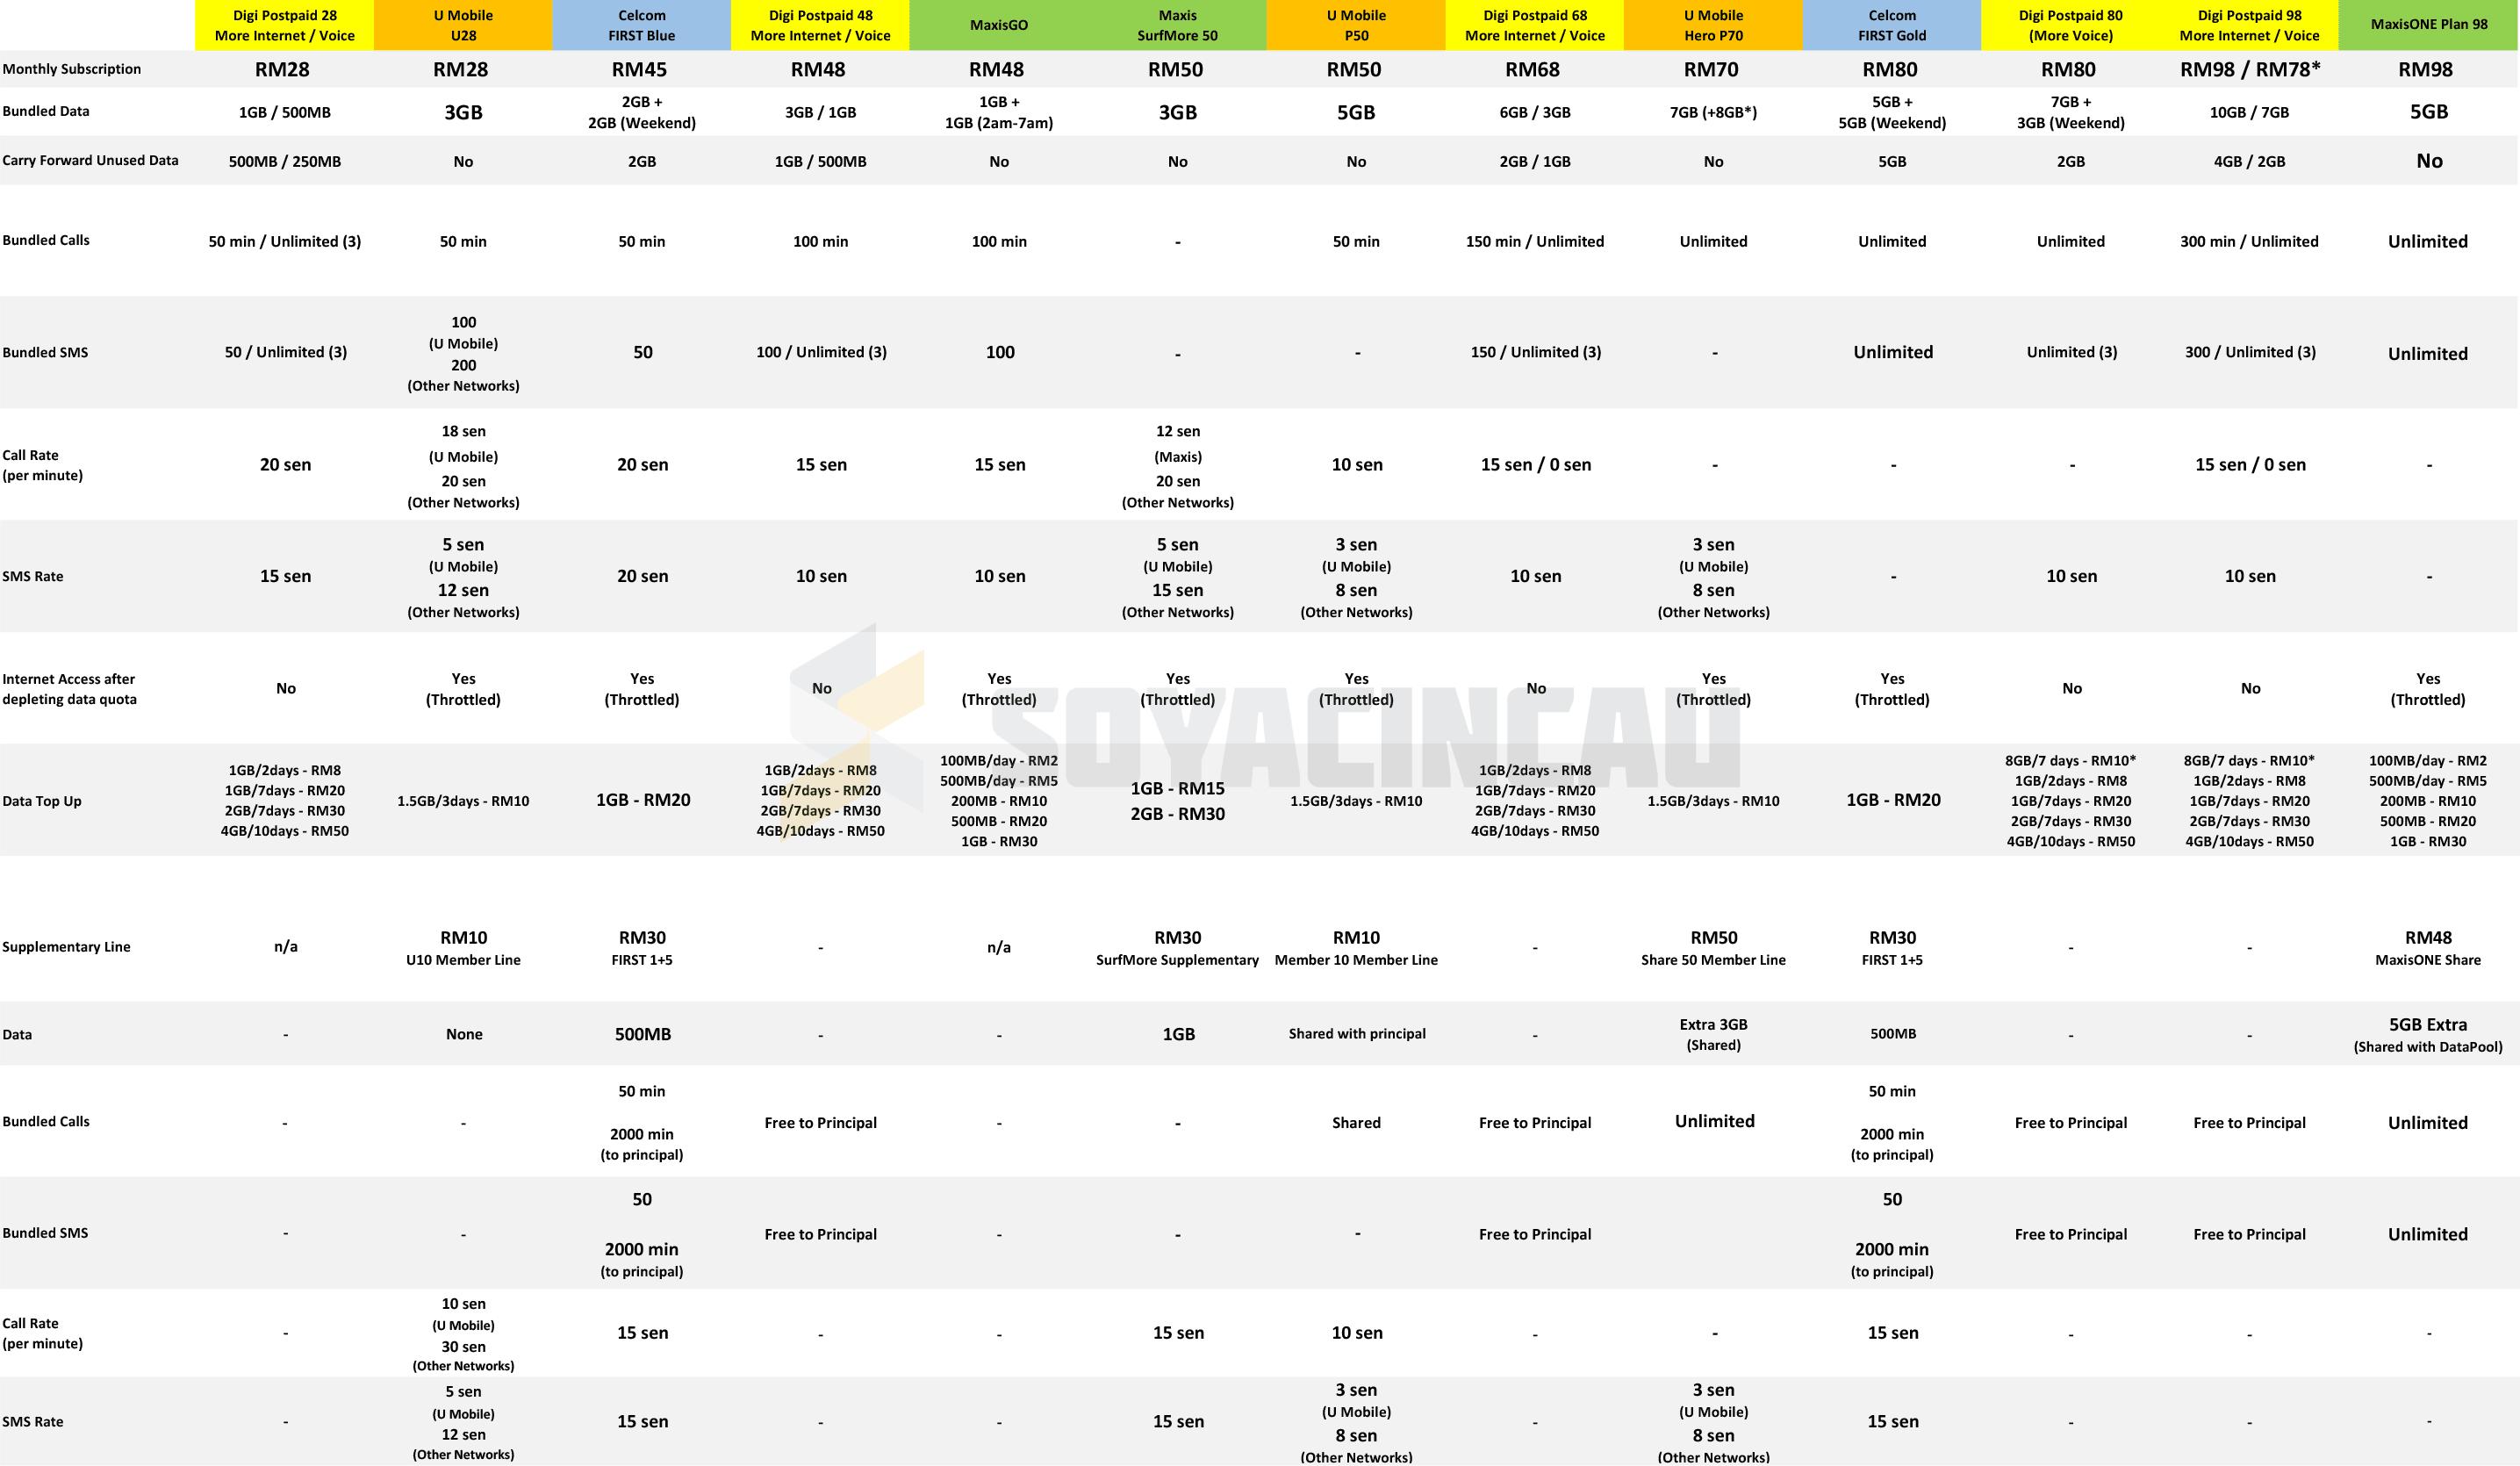 prepaid plans comparisons